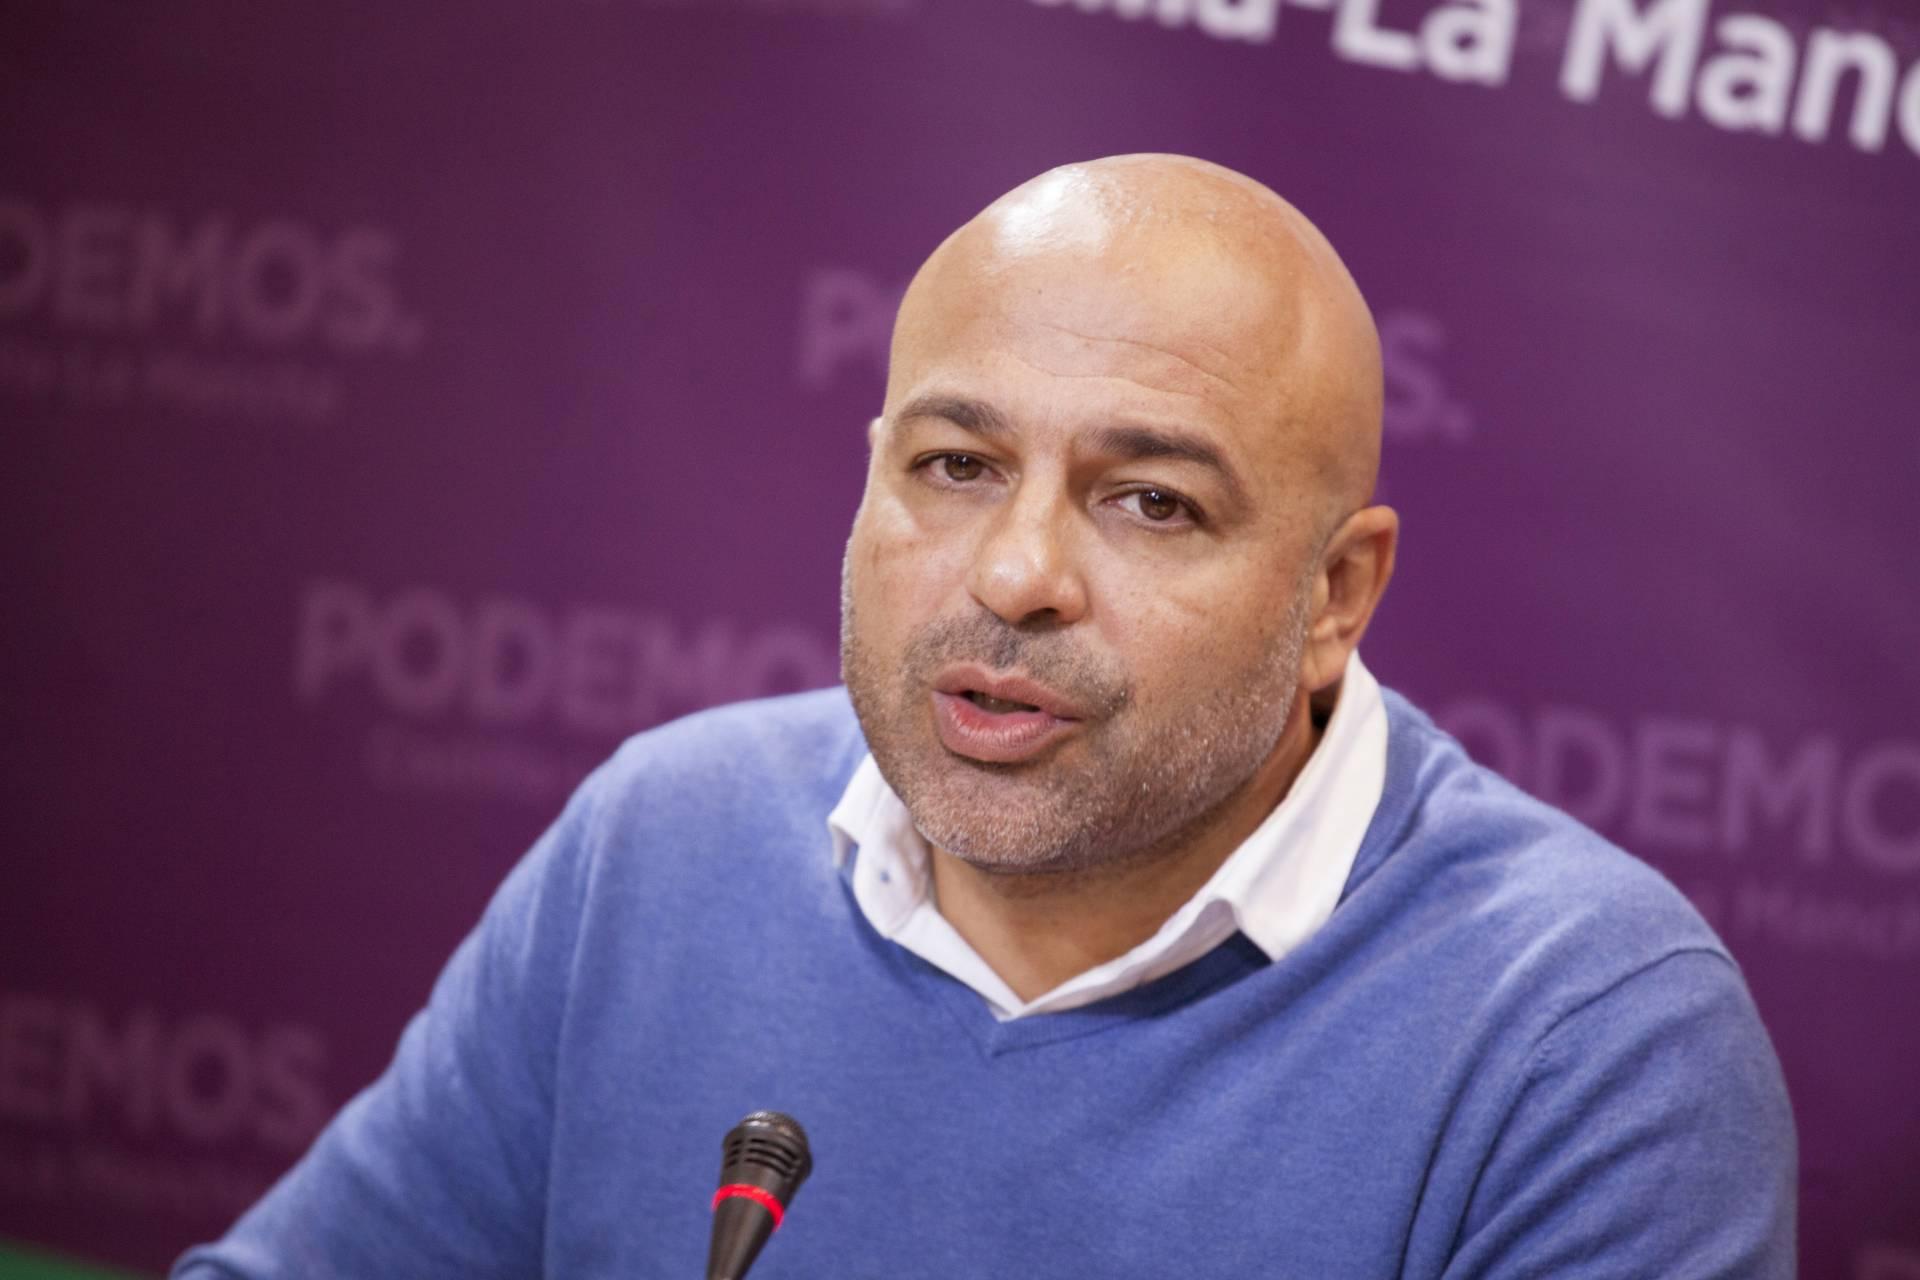 La dirección de Podemos Ciudad Real dimite en bloque en respuesta al pacto con el PSOE alcanzado por José García Molina.